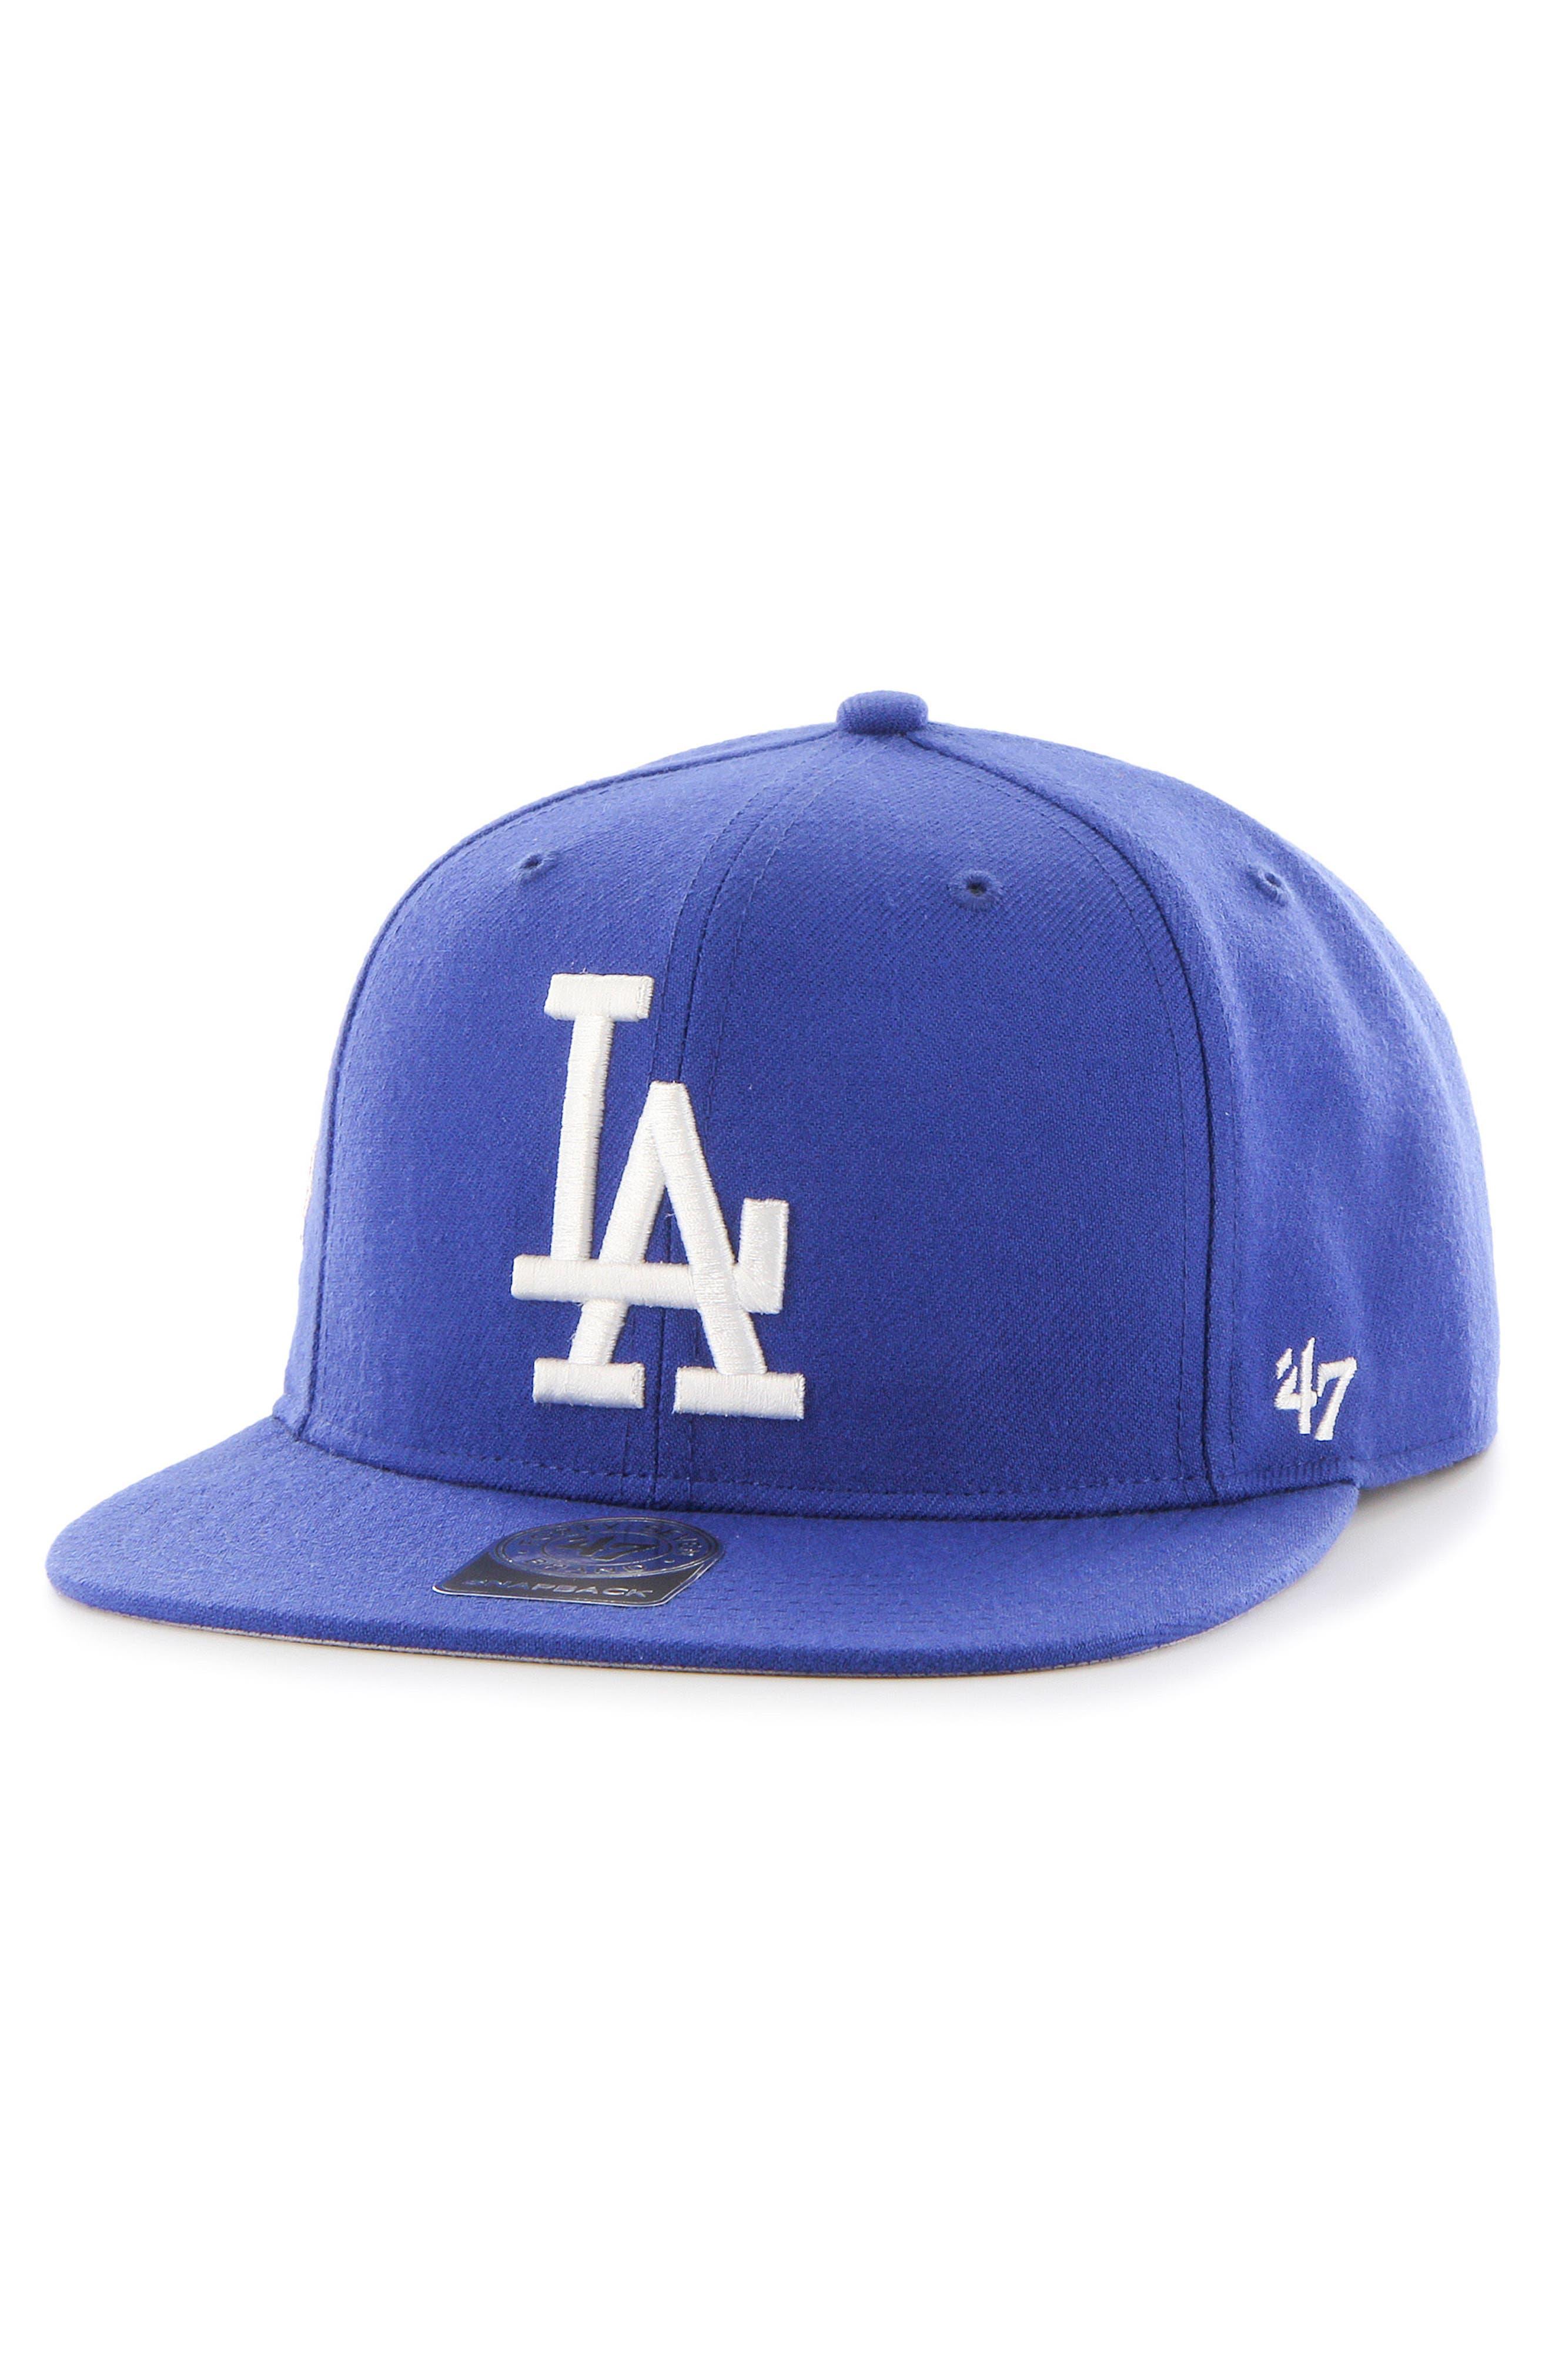 LA Dodgers Sure Shot Captain Baseball Cap,                             Main thumbnail 1, color,                             BLUE